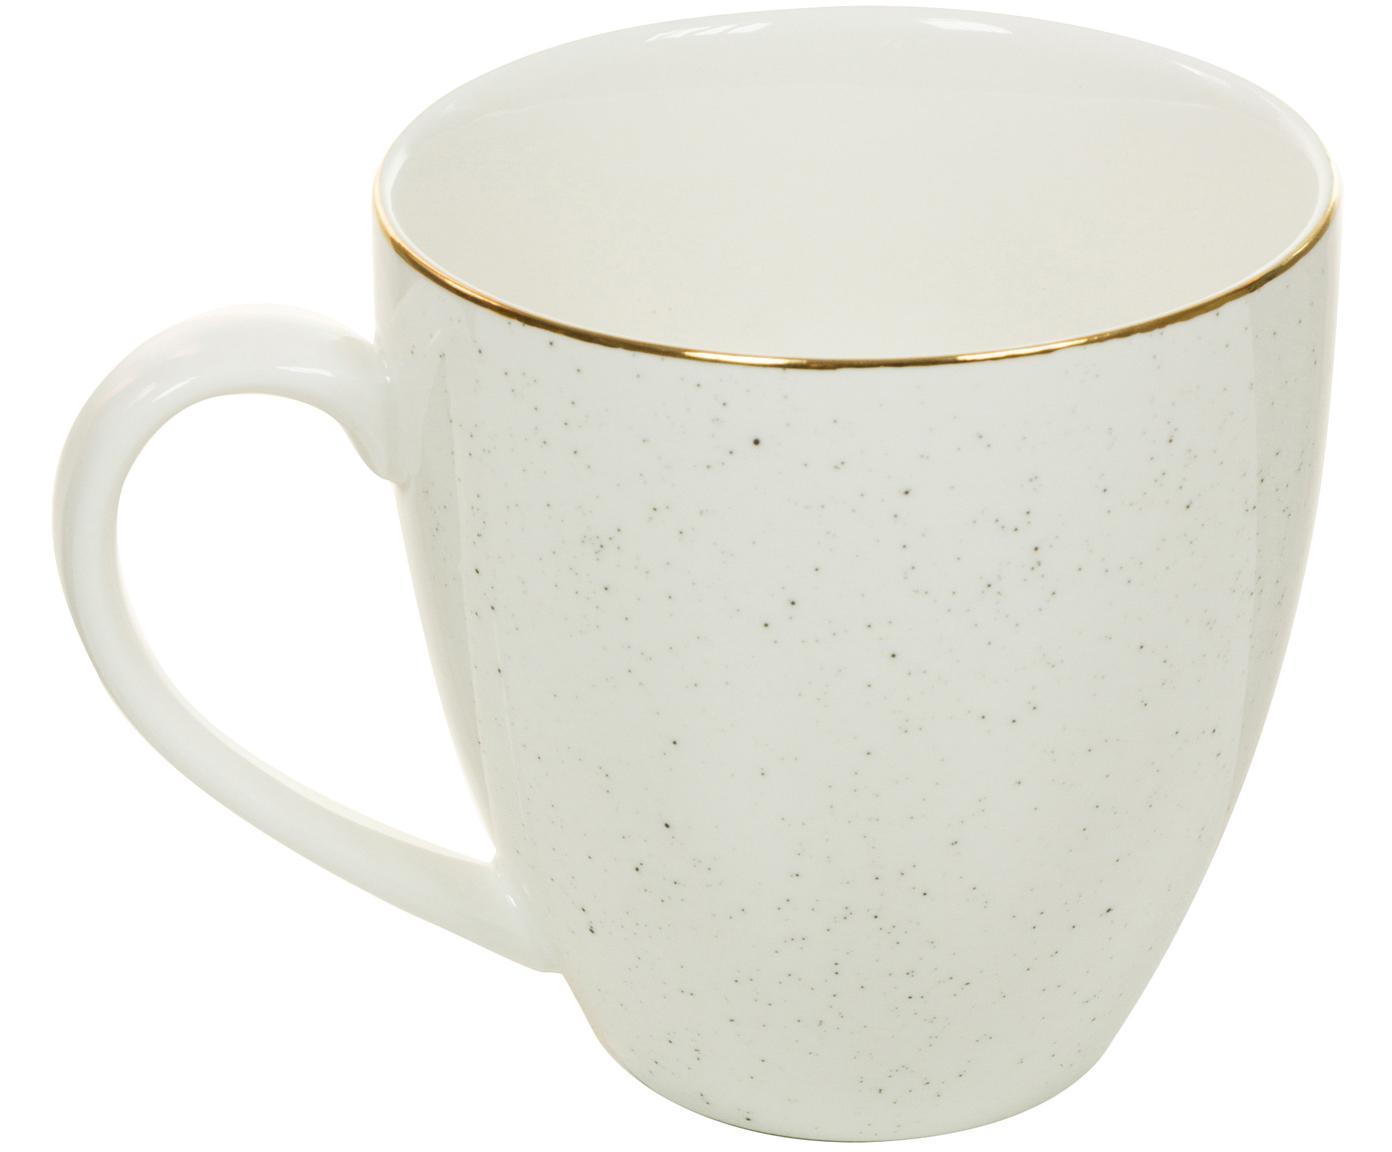 Tazas café artesanales Bol, 2uds., Porcelana, Blanco crema, Ø 9 x Al 9 cm